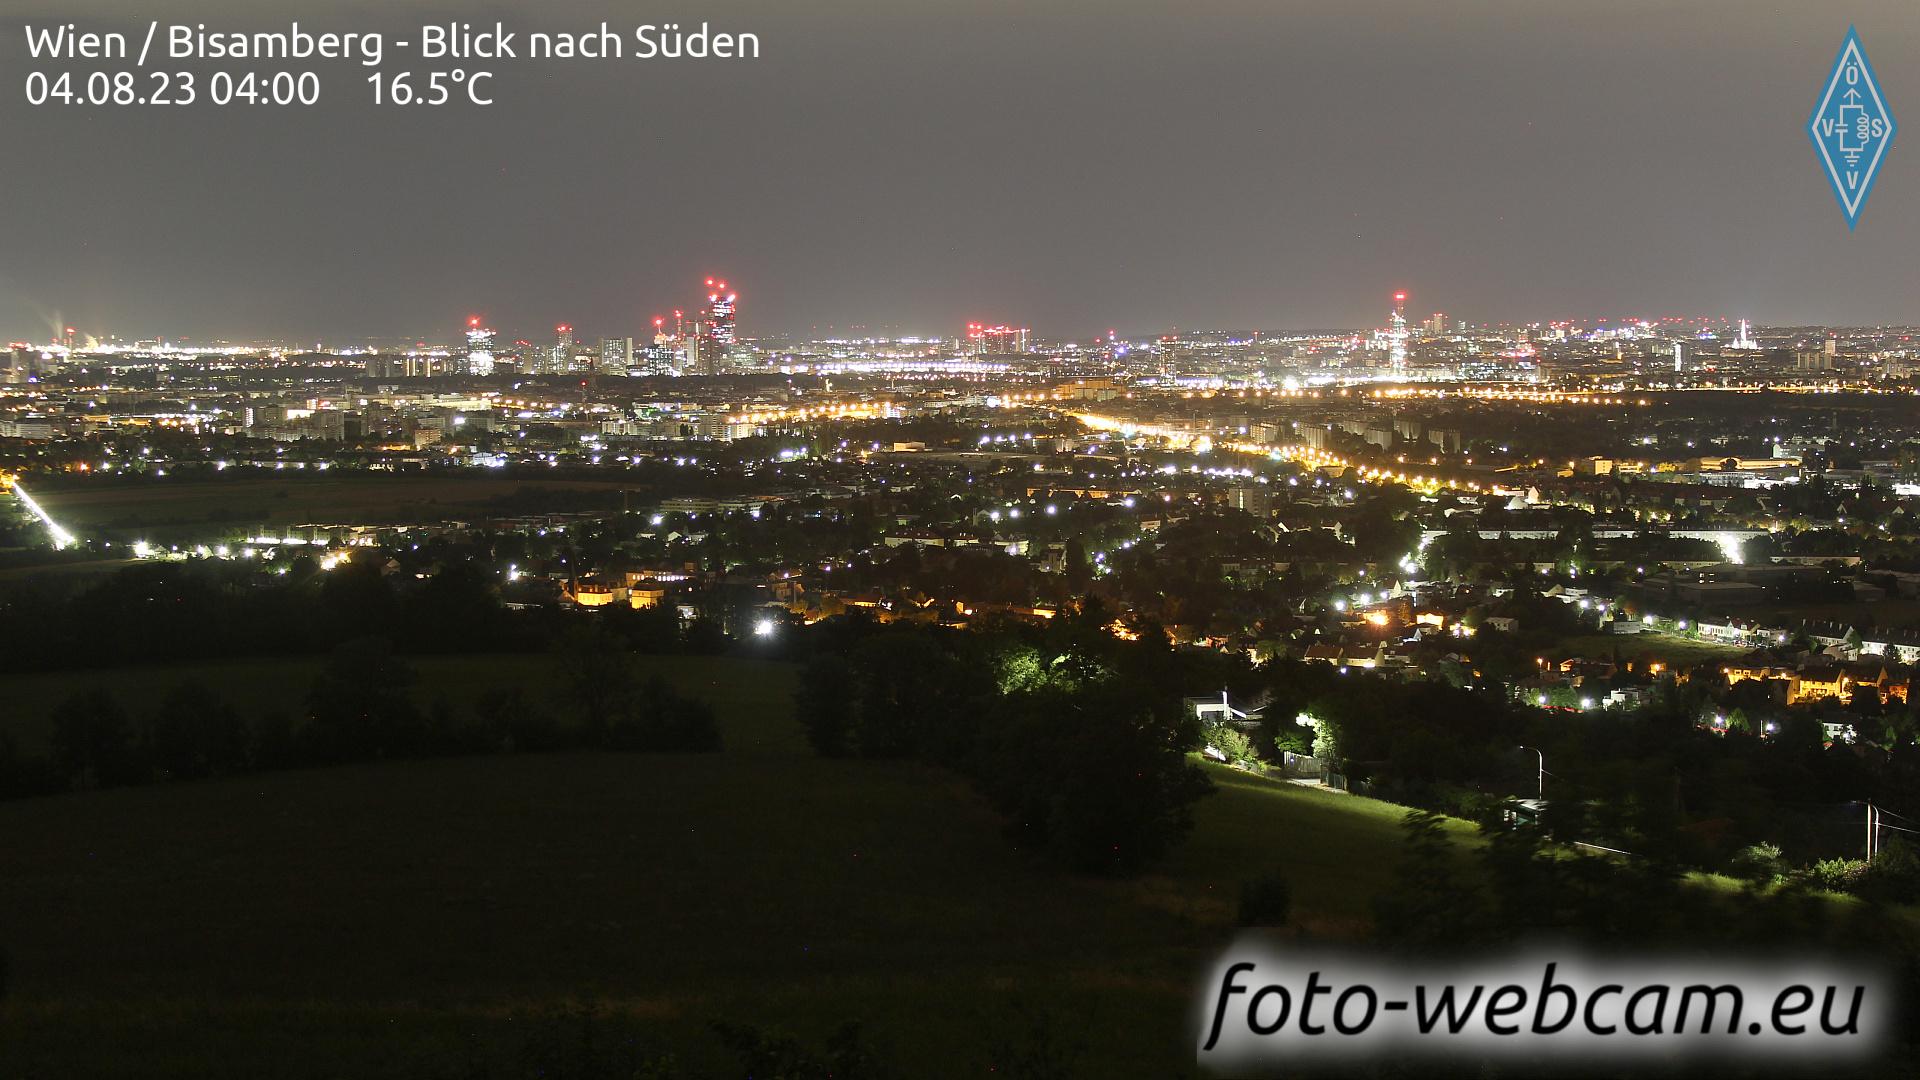 Vienna Sun. 04:14